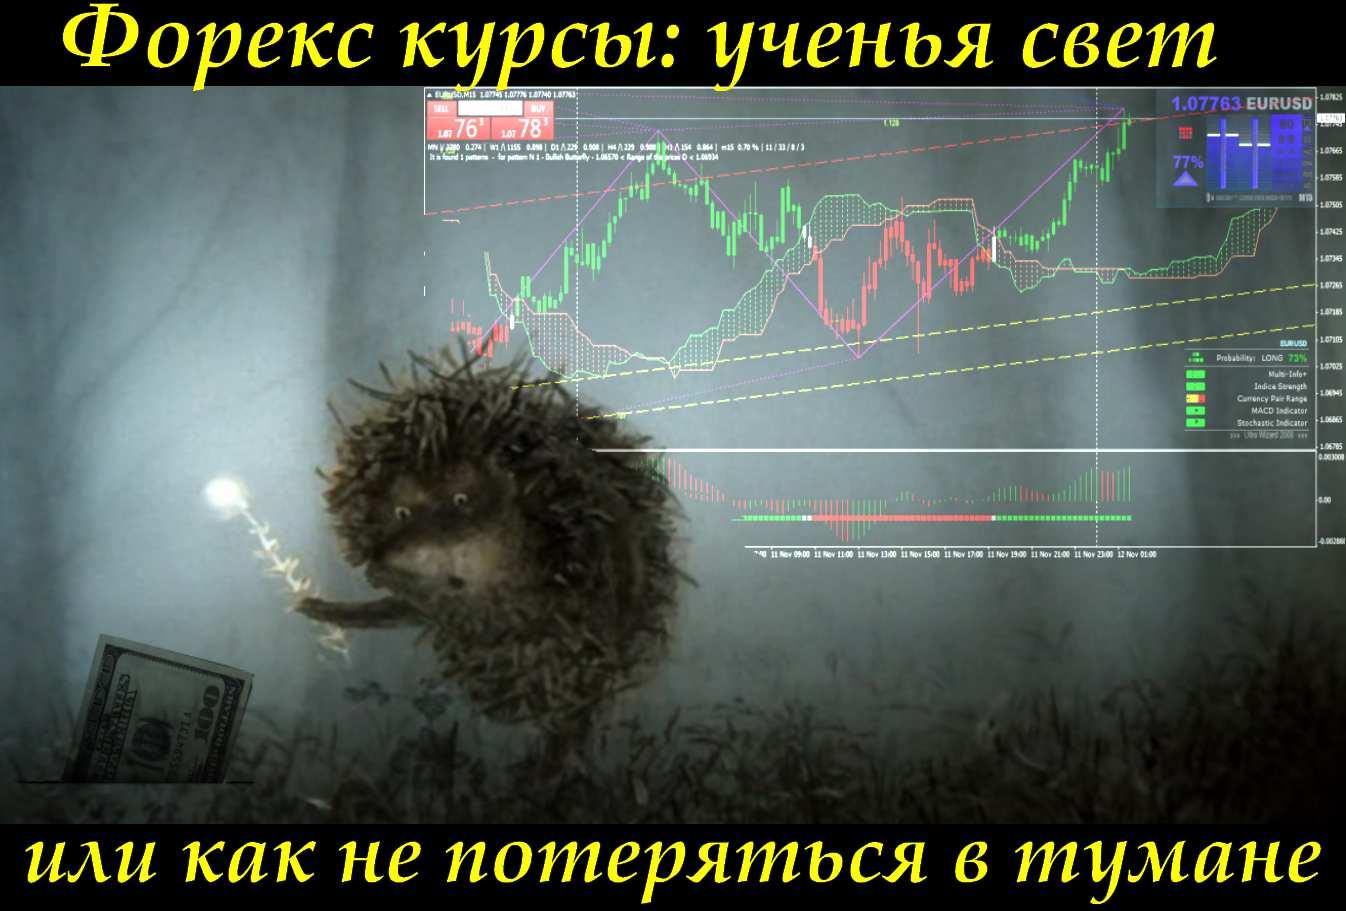 Торговые курсы форекс сейчас курс рубля к доллару на форекс